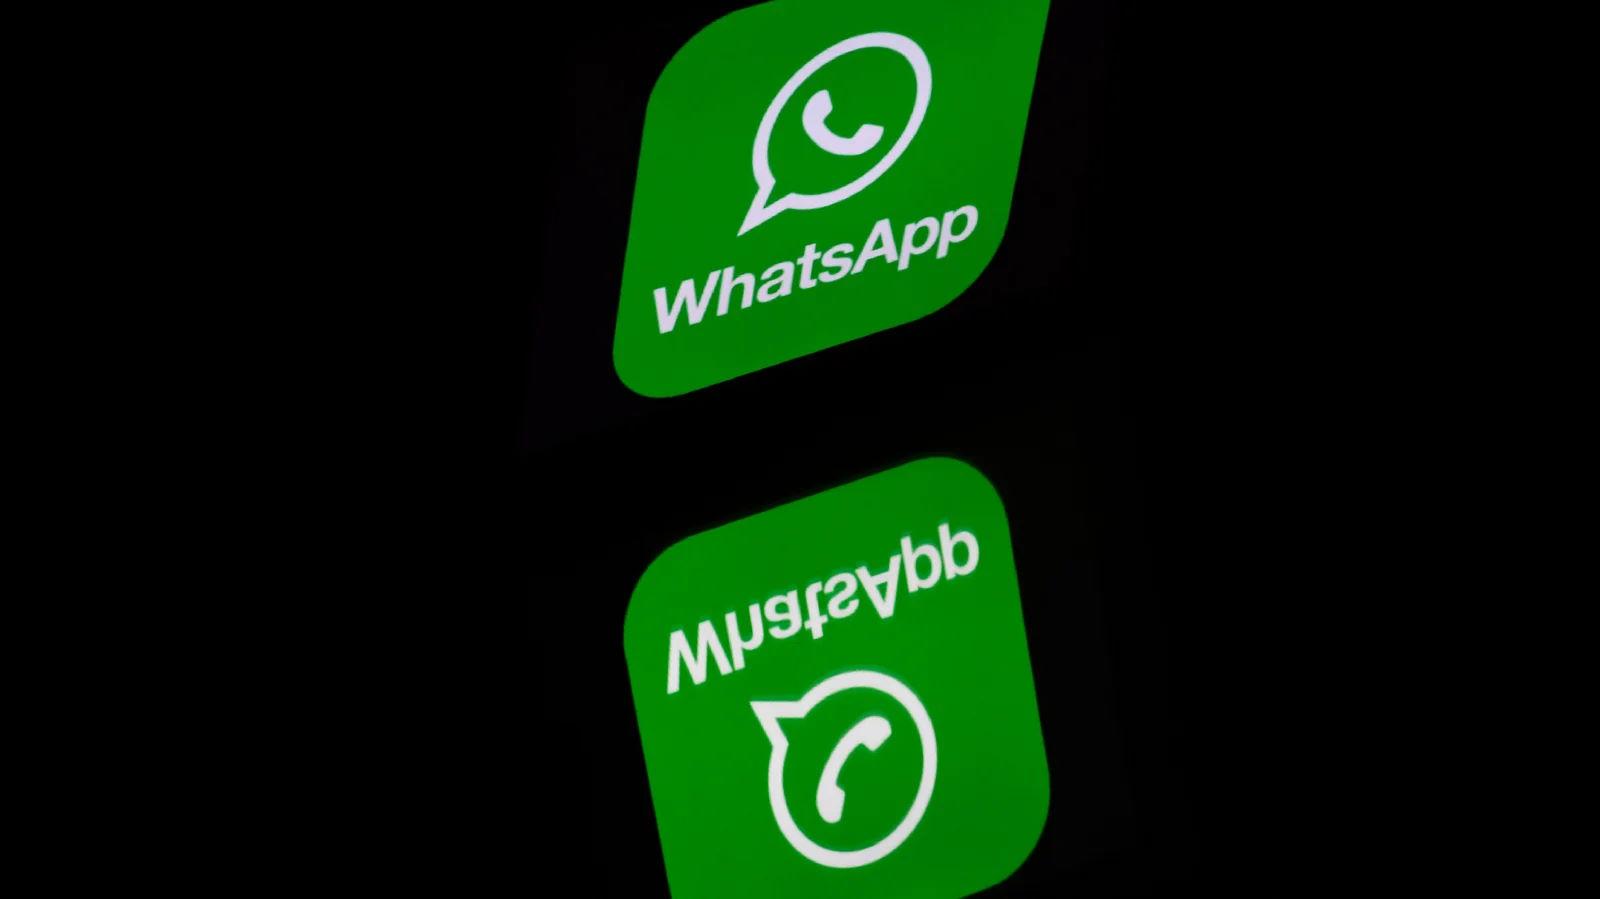 Cum poți fi spionat pe WhatsApp, chiar dacă schimburile de mesaje sunt făcute în formă criptată